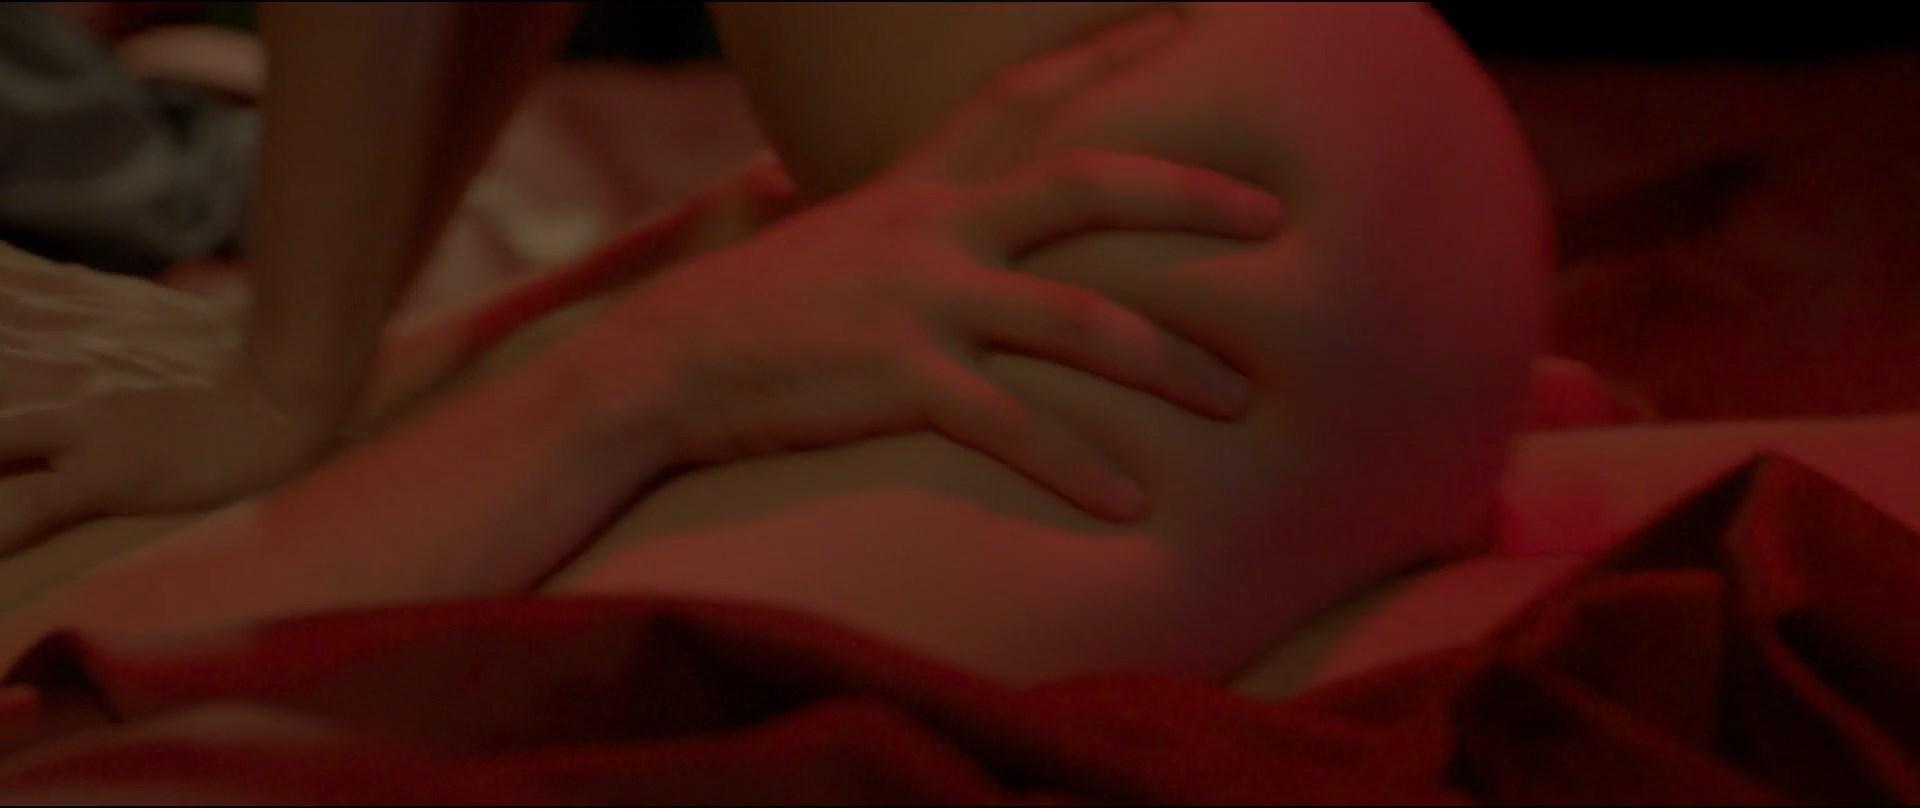 Nackt  Cecilia Cartasegna Flickr: Contacts